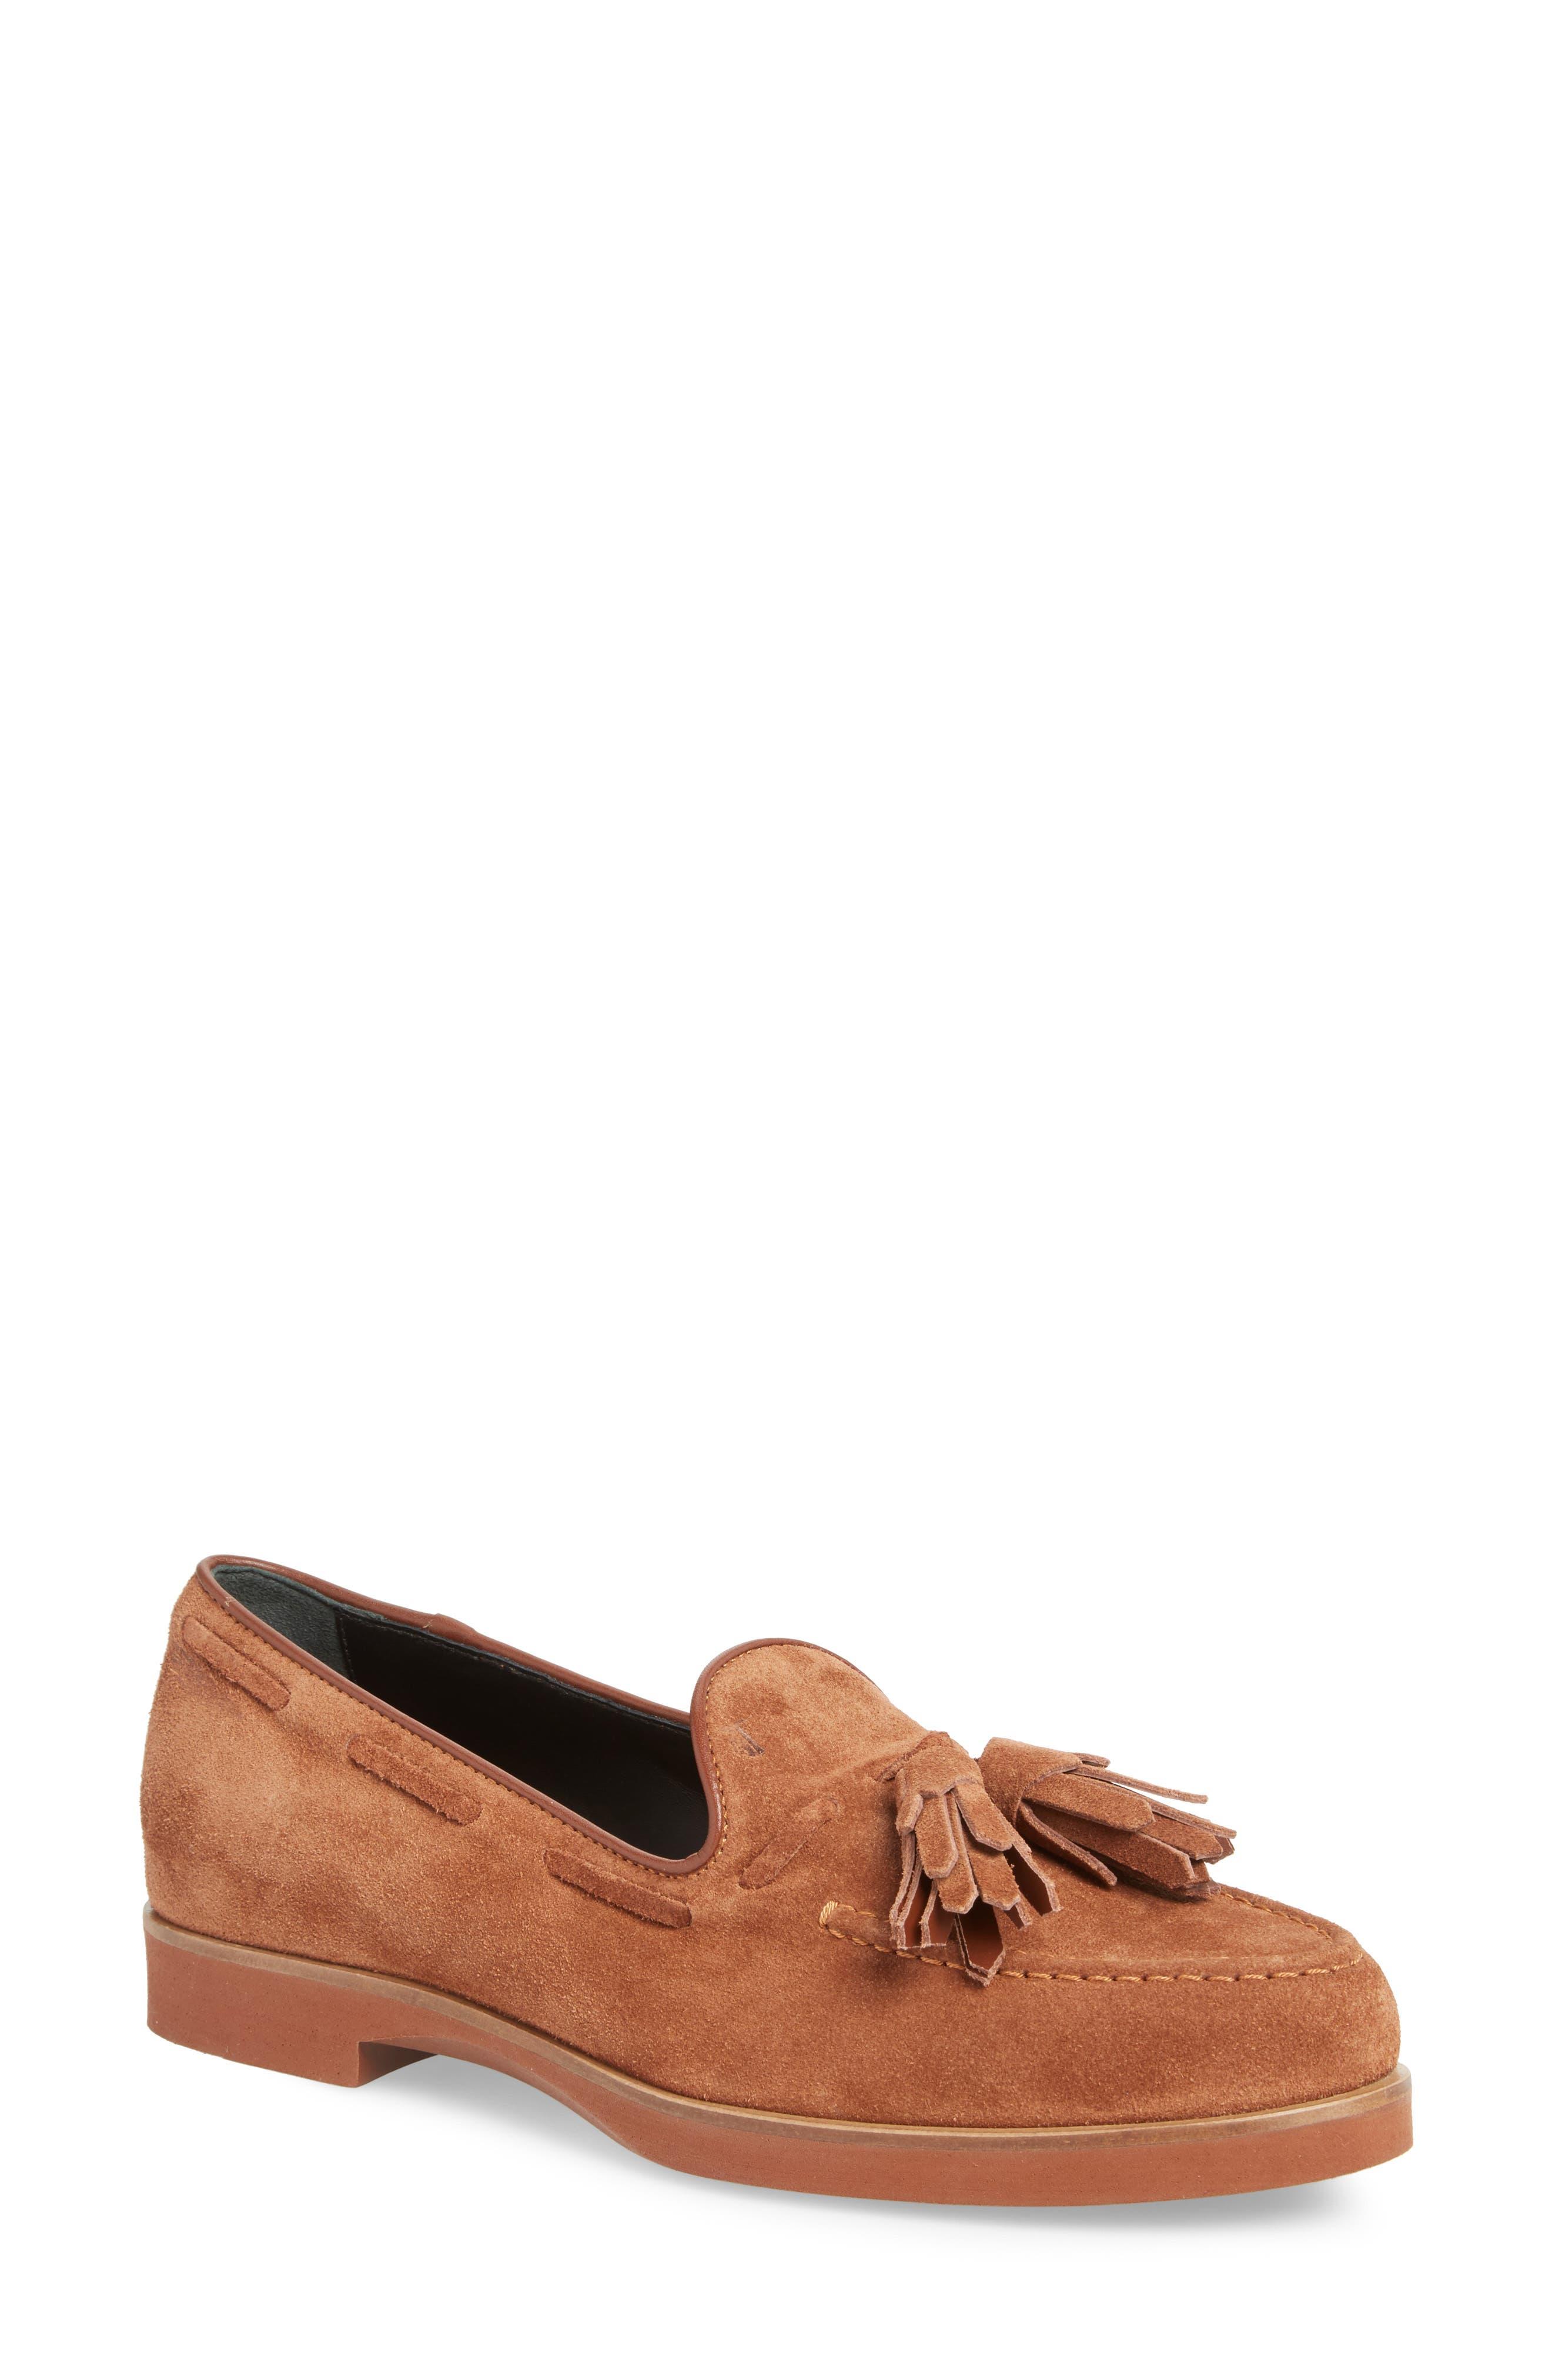 Tod's Tassel Loafer (Women)